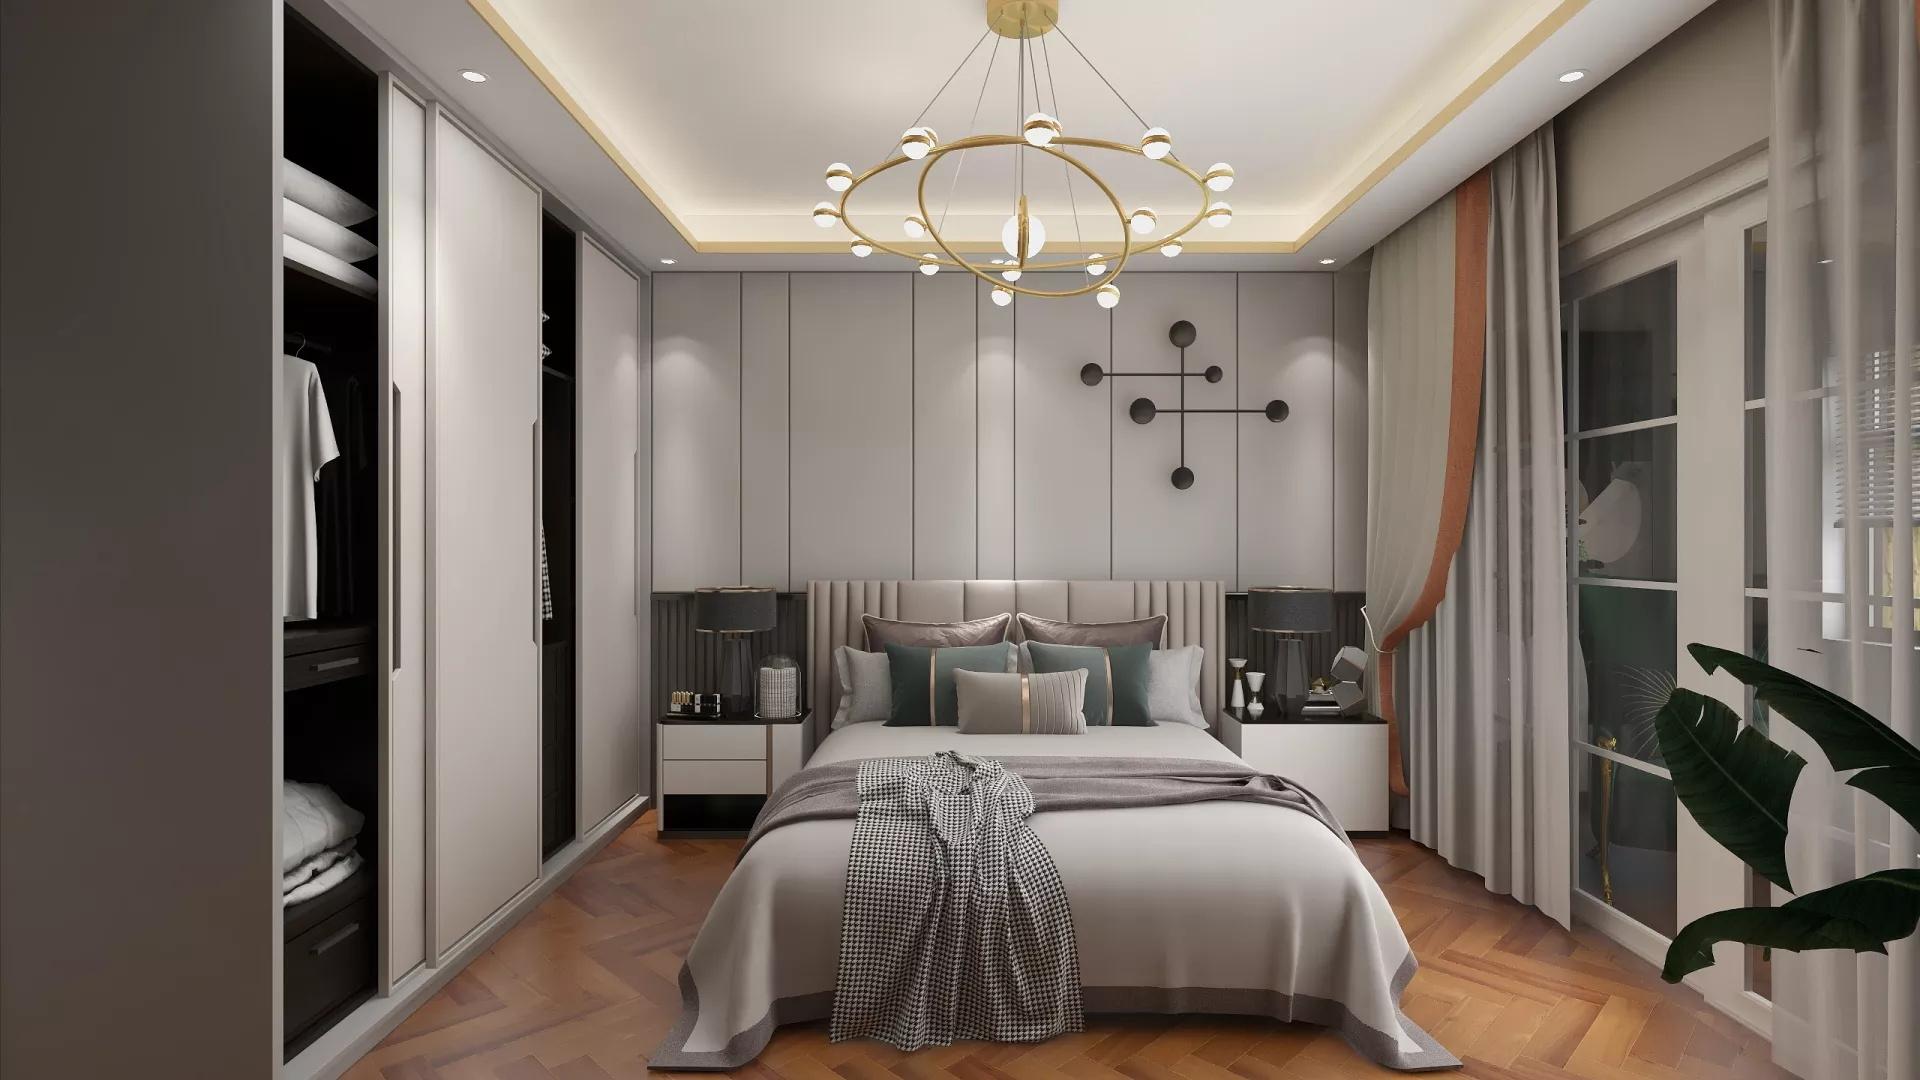 客厅装修不能挂什么窗帘 客厅窗帘风水禁忌有哪些